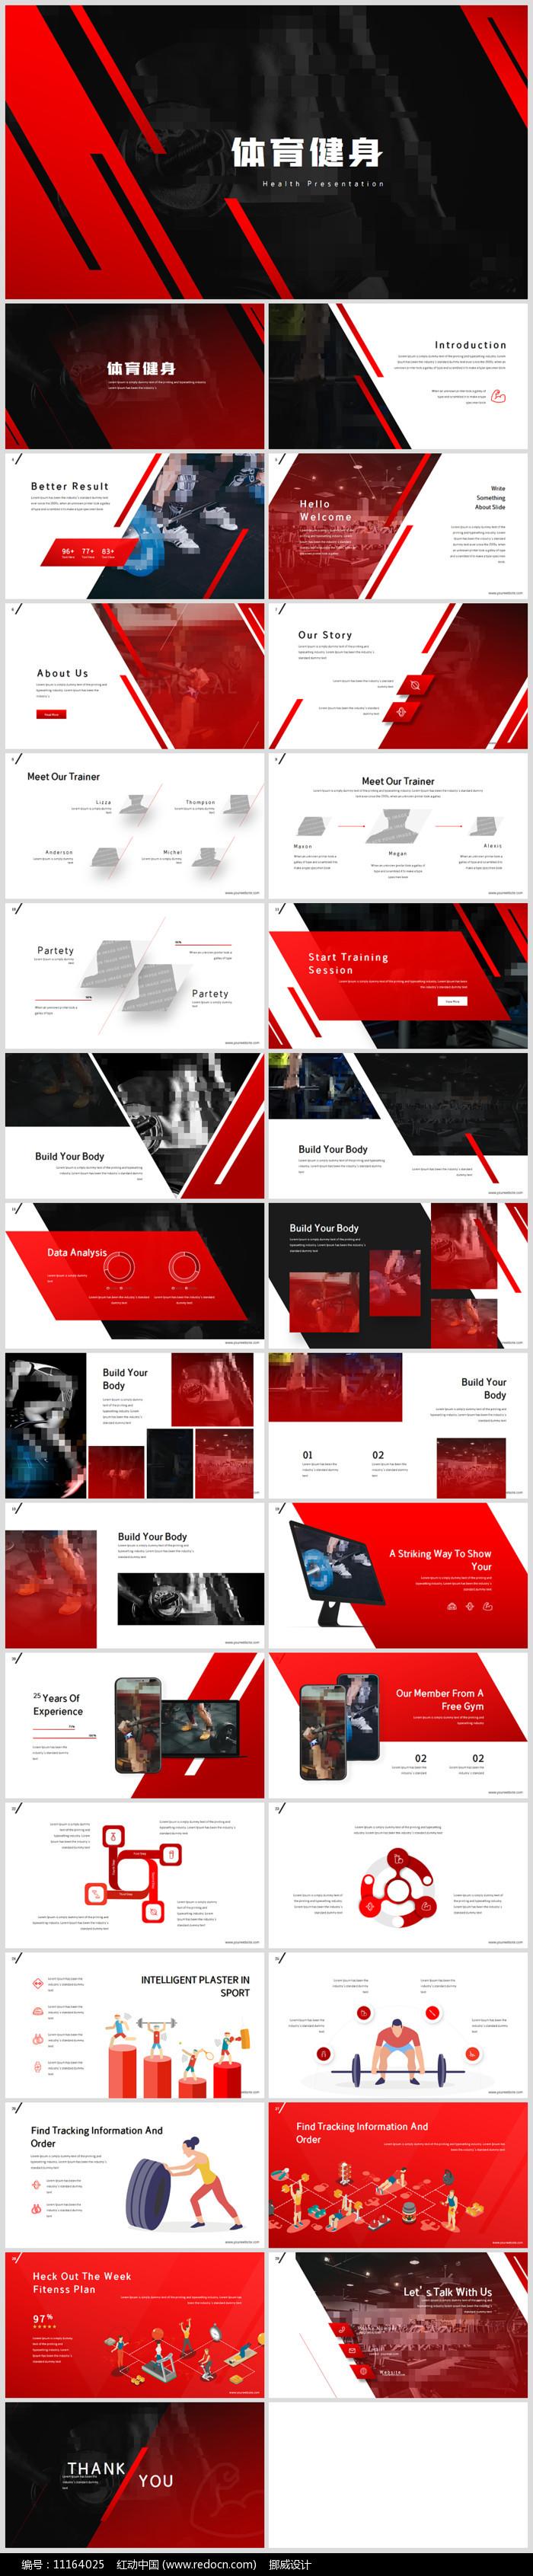 创意红色健身运动健身房宣传PPT模板图片